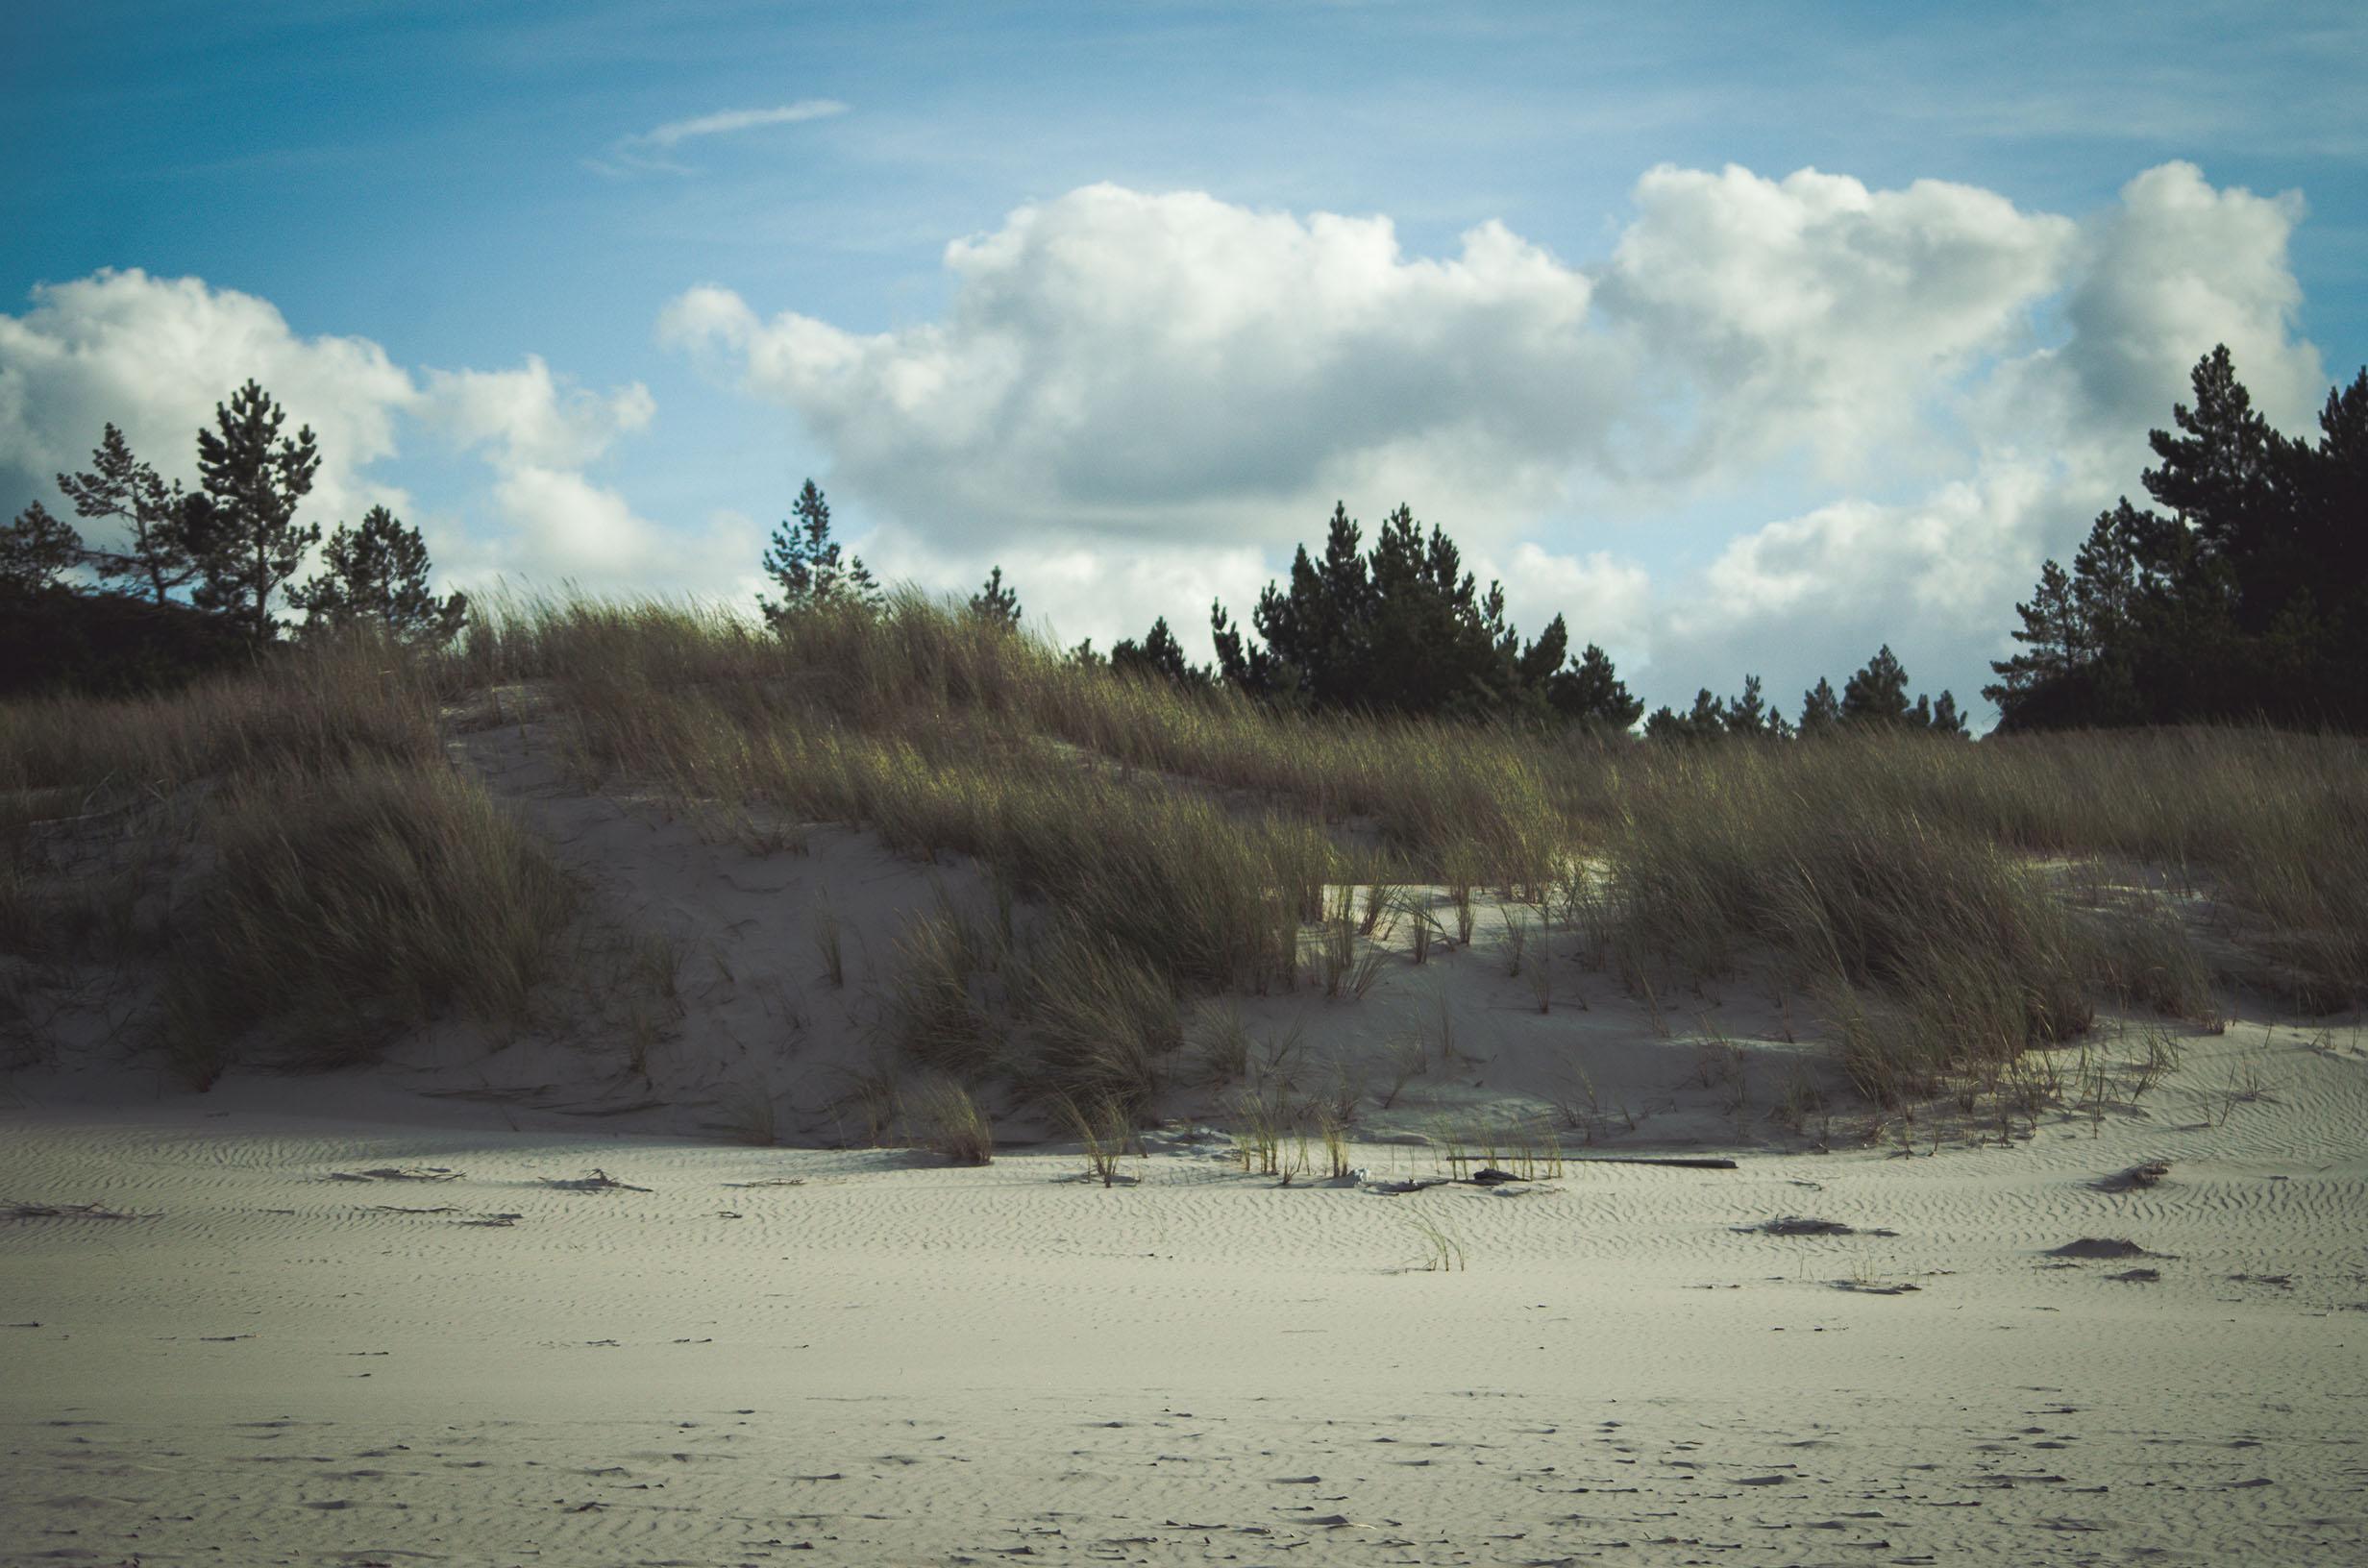 baltic-sea-beach-visit-poland